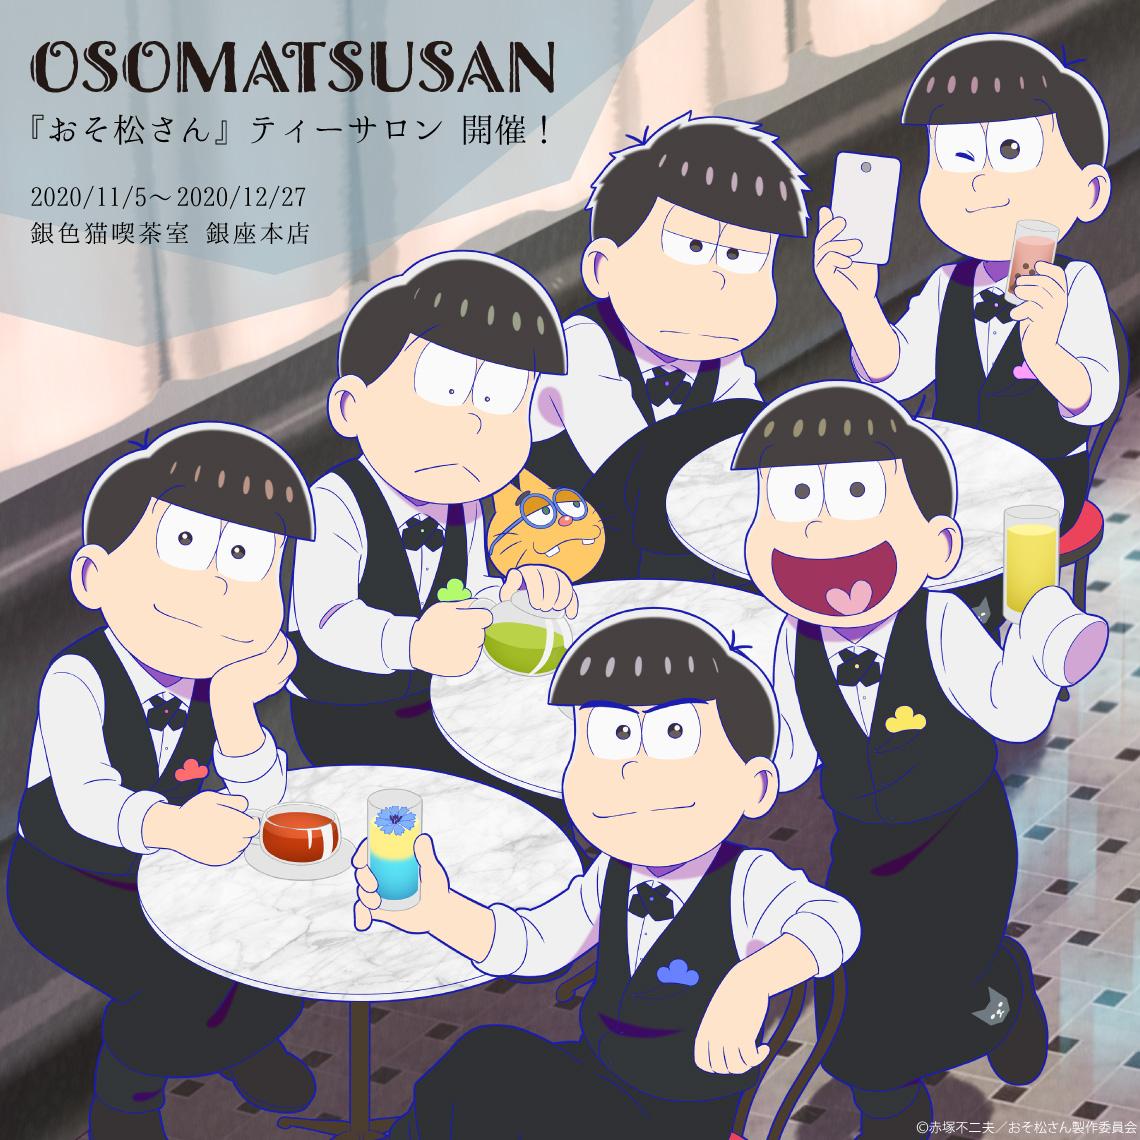 『おそ松さん』×「銀色猫喫茶室」ティーサロン開催決定!コラボブレンドティー茶葉を使用したスペシャルメニューが登場